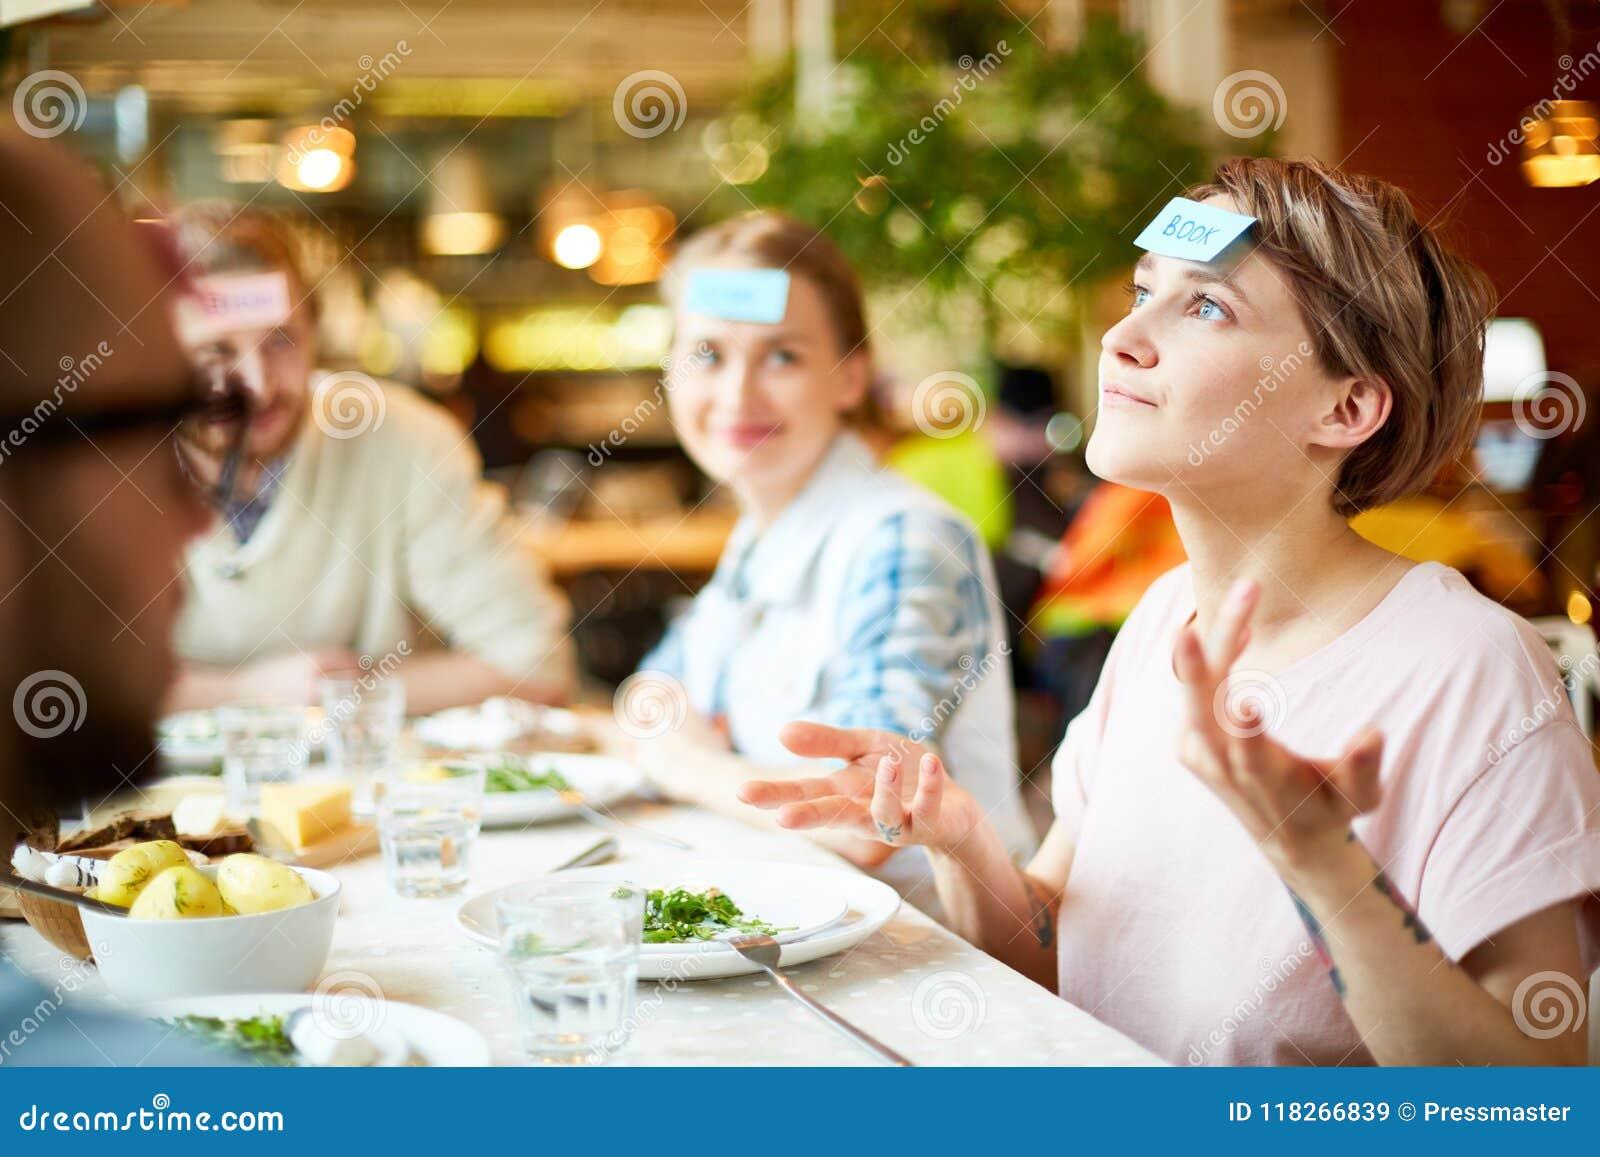 Amigos que juegan al juego en restaurante